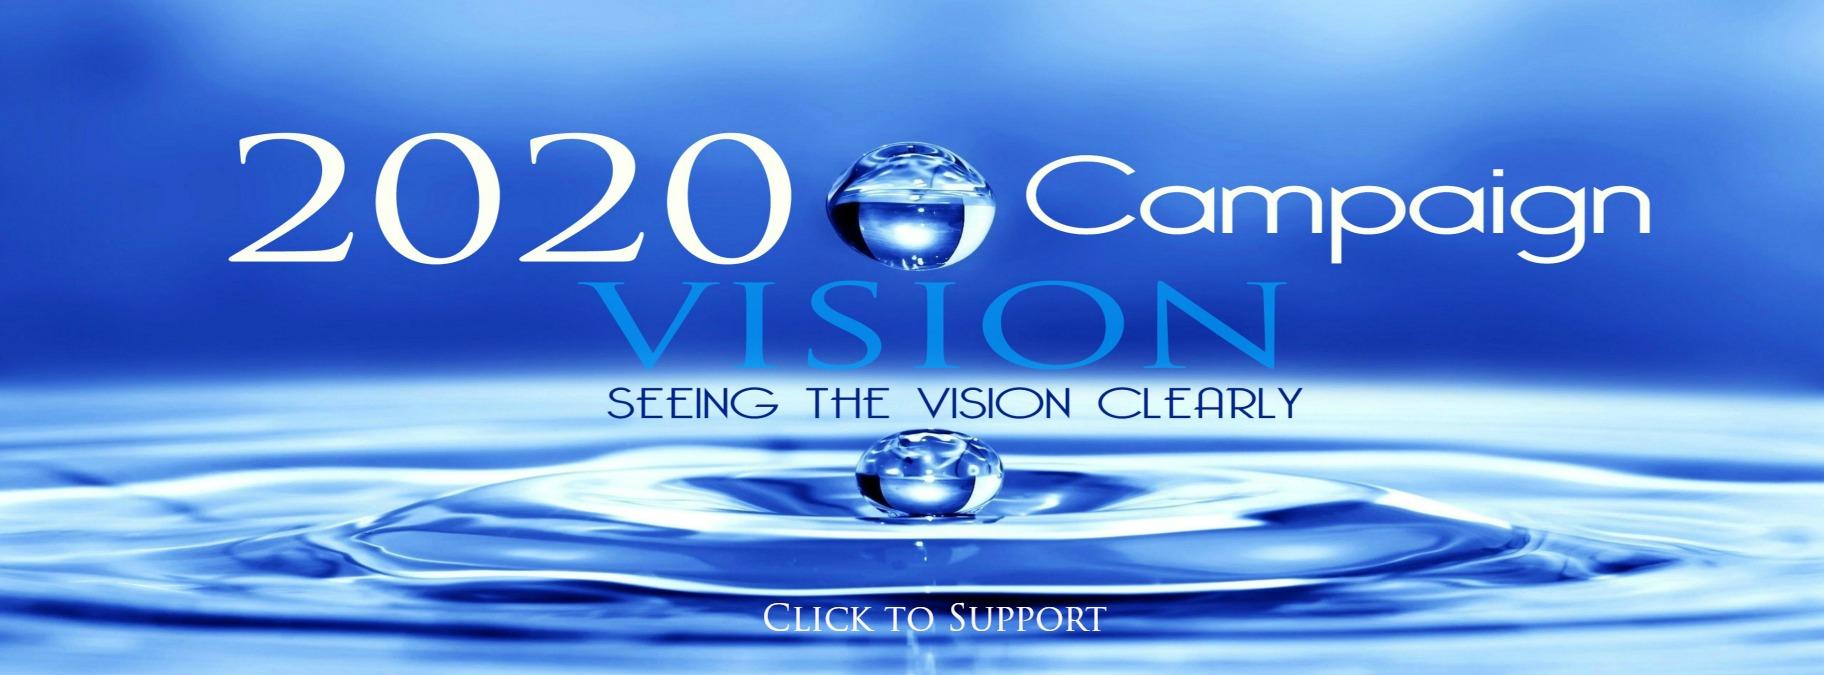 2020-Campaign5